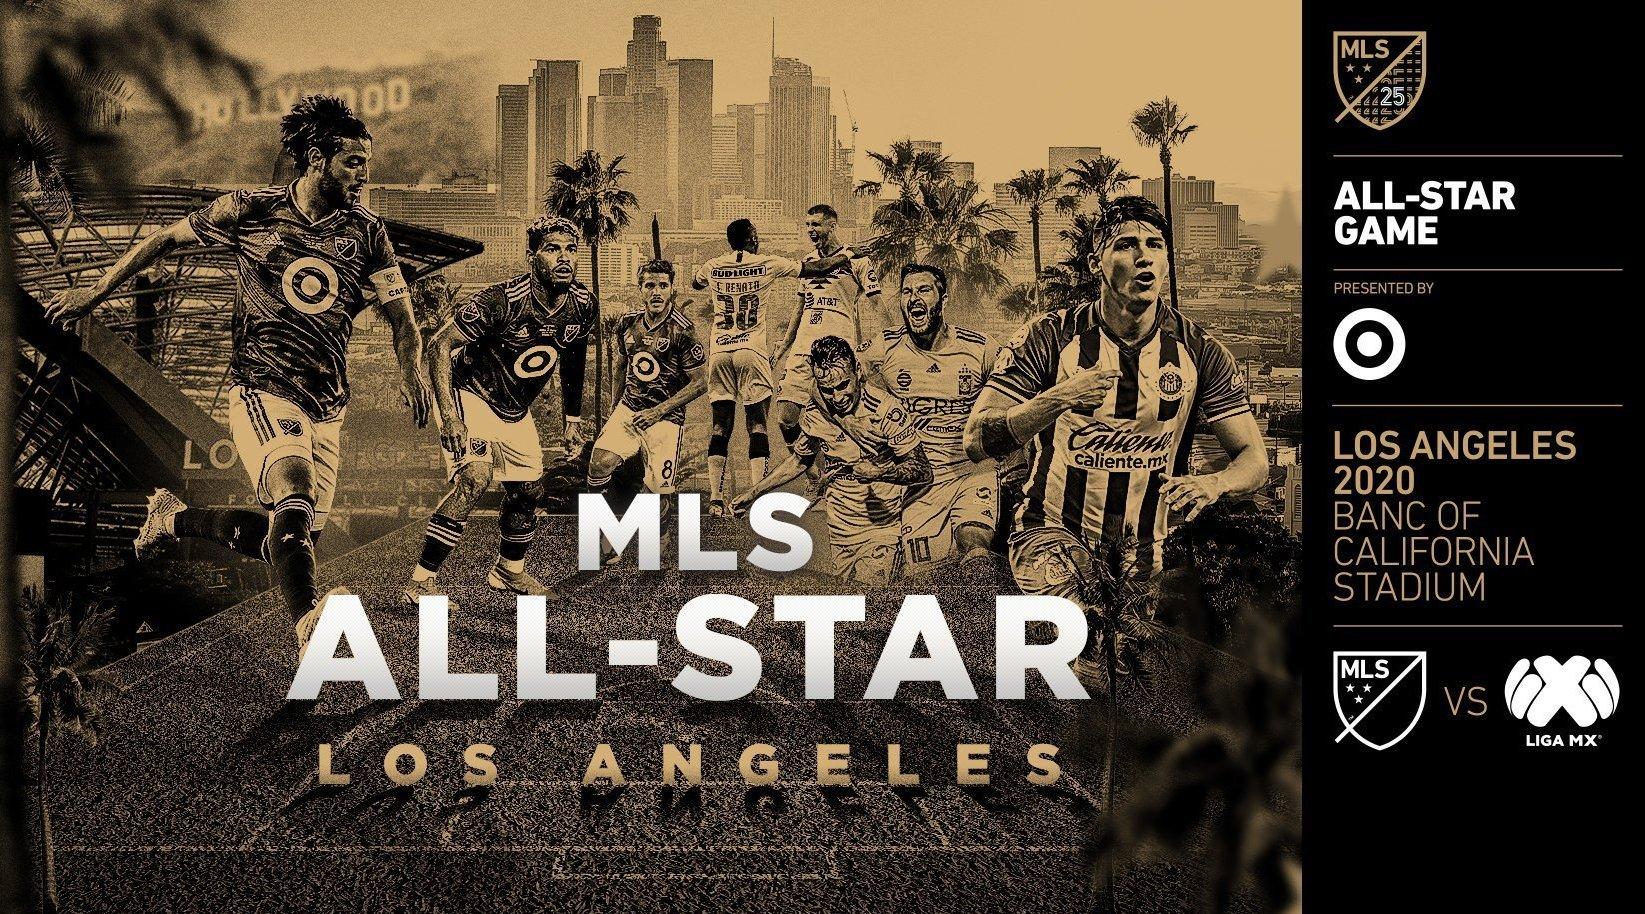 MLS All Stars: звезды Лиги в 2020-м году будут противостоять лучшим игрокам чемпионата Мексики